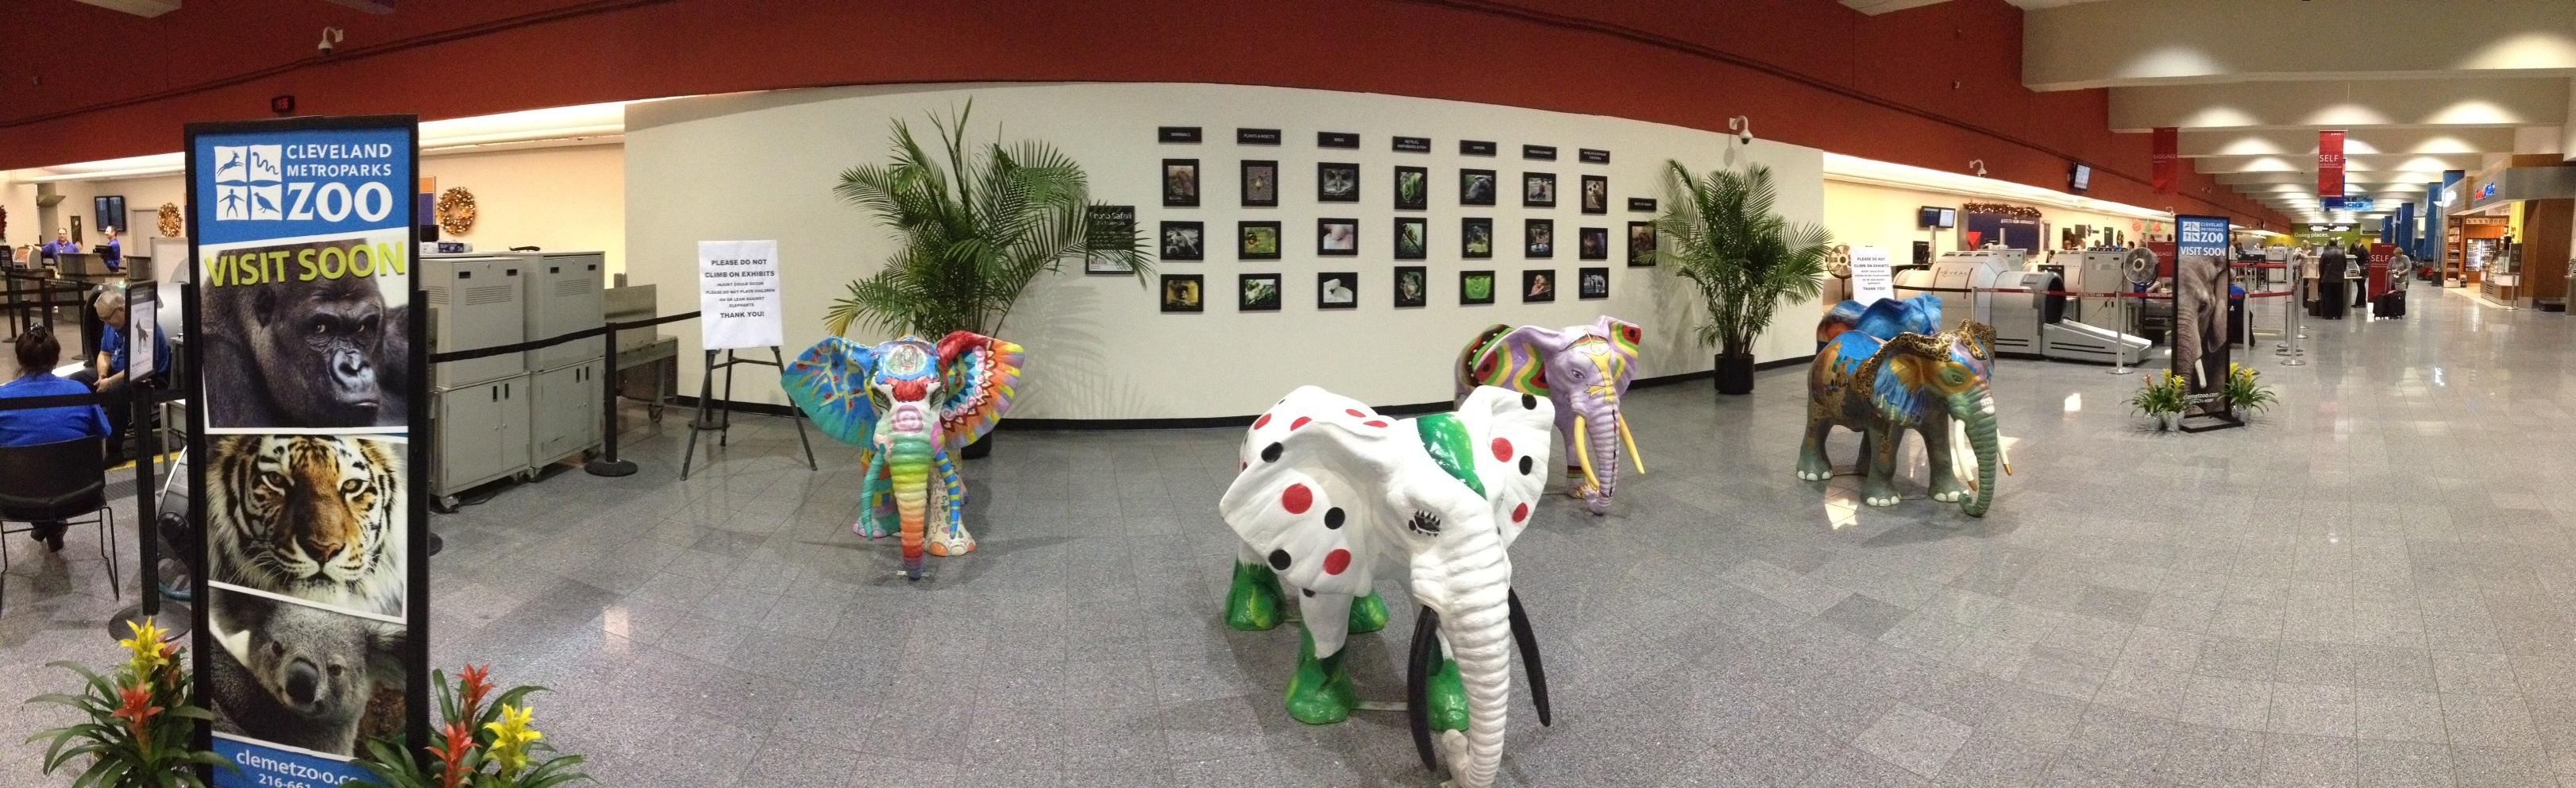 Cleveland Metroparks Zoo Photo Safari Exhibit Cleveland